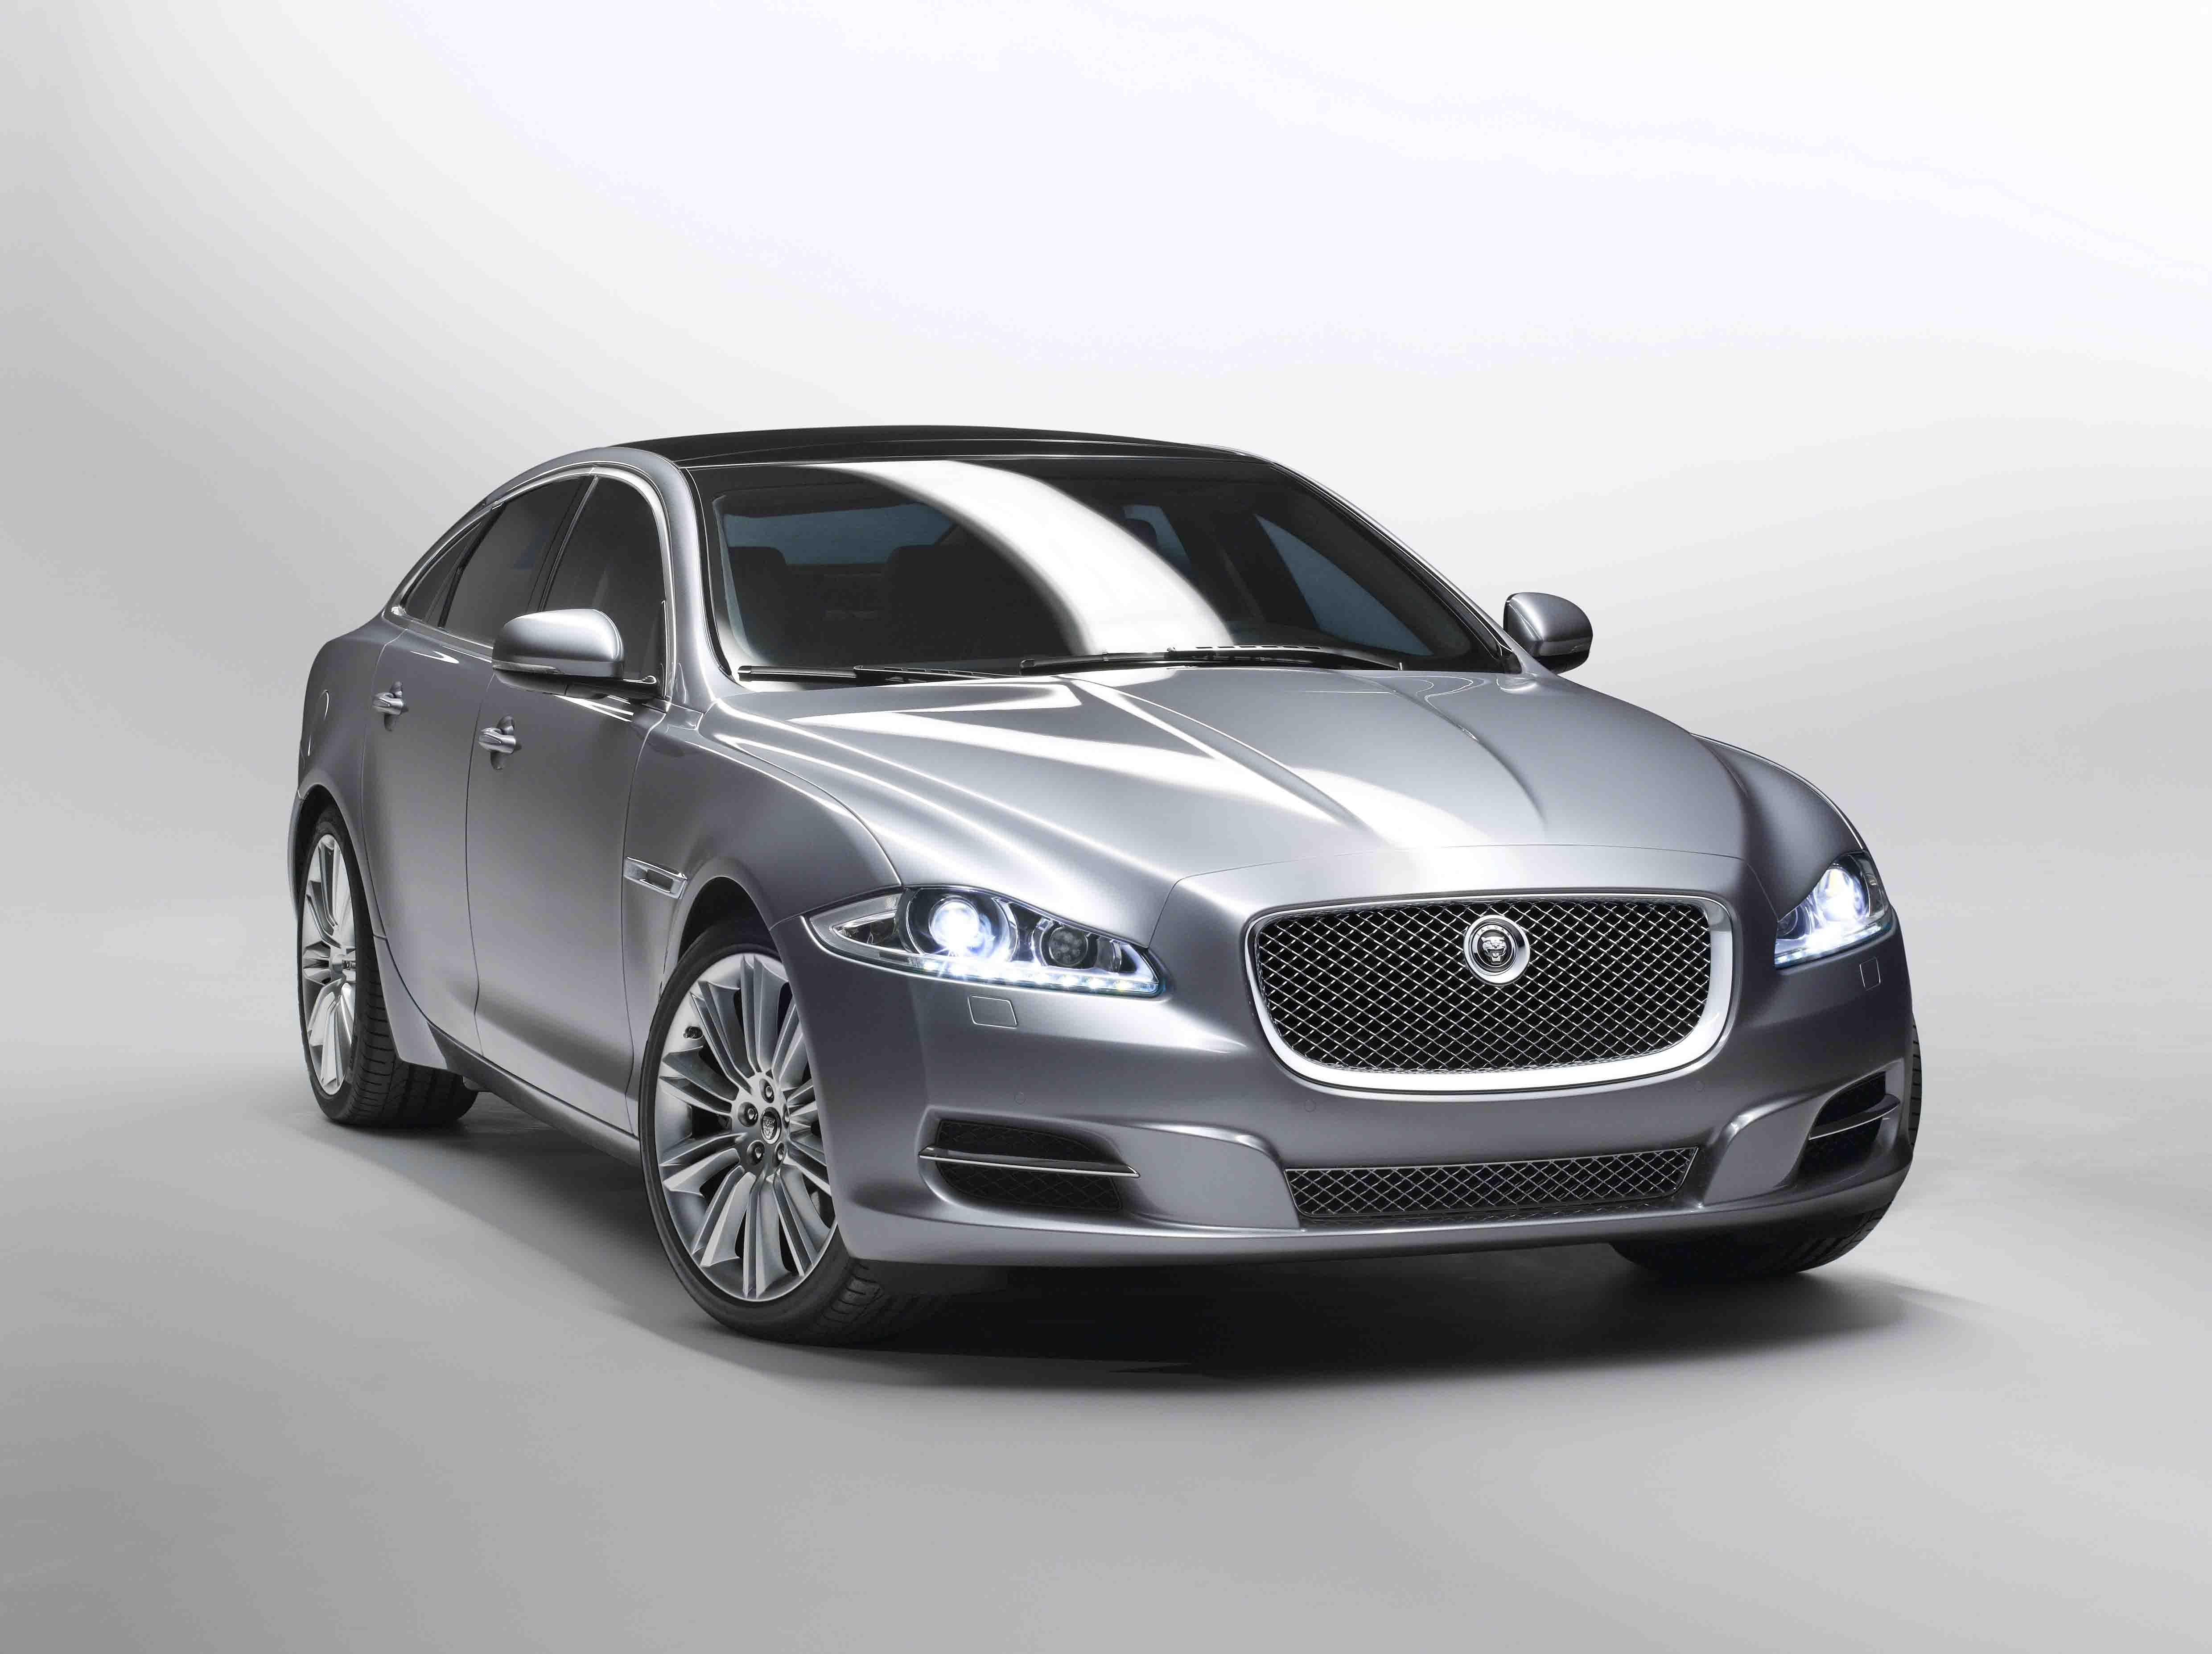 jaguar xj price in india review images jaguar cars. Black Bedroom Furniture Sets. Home Design Ideas